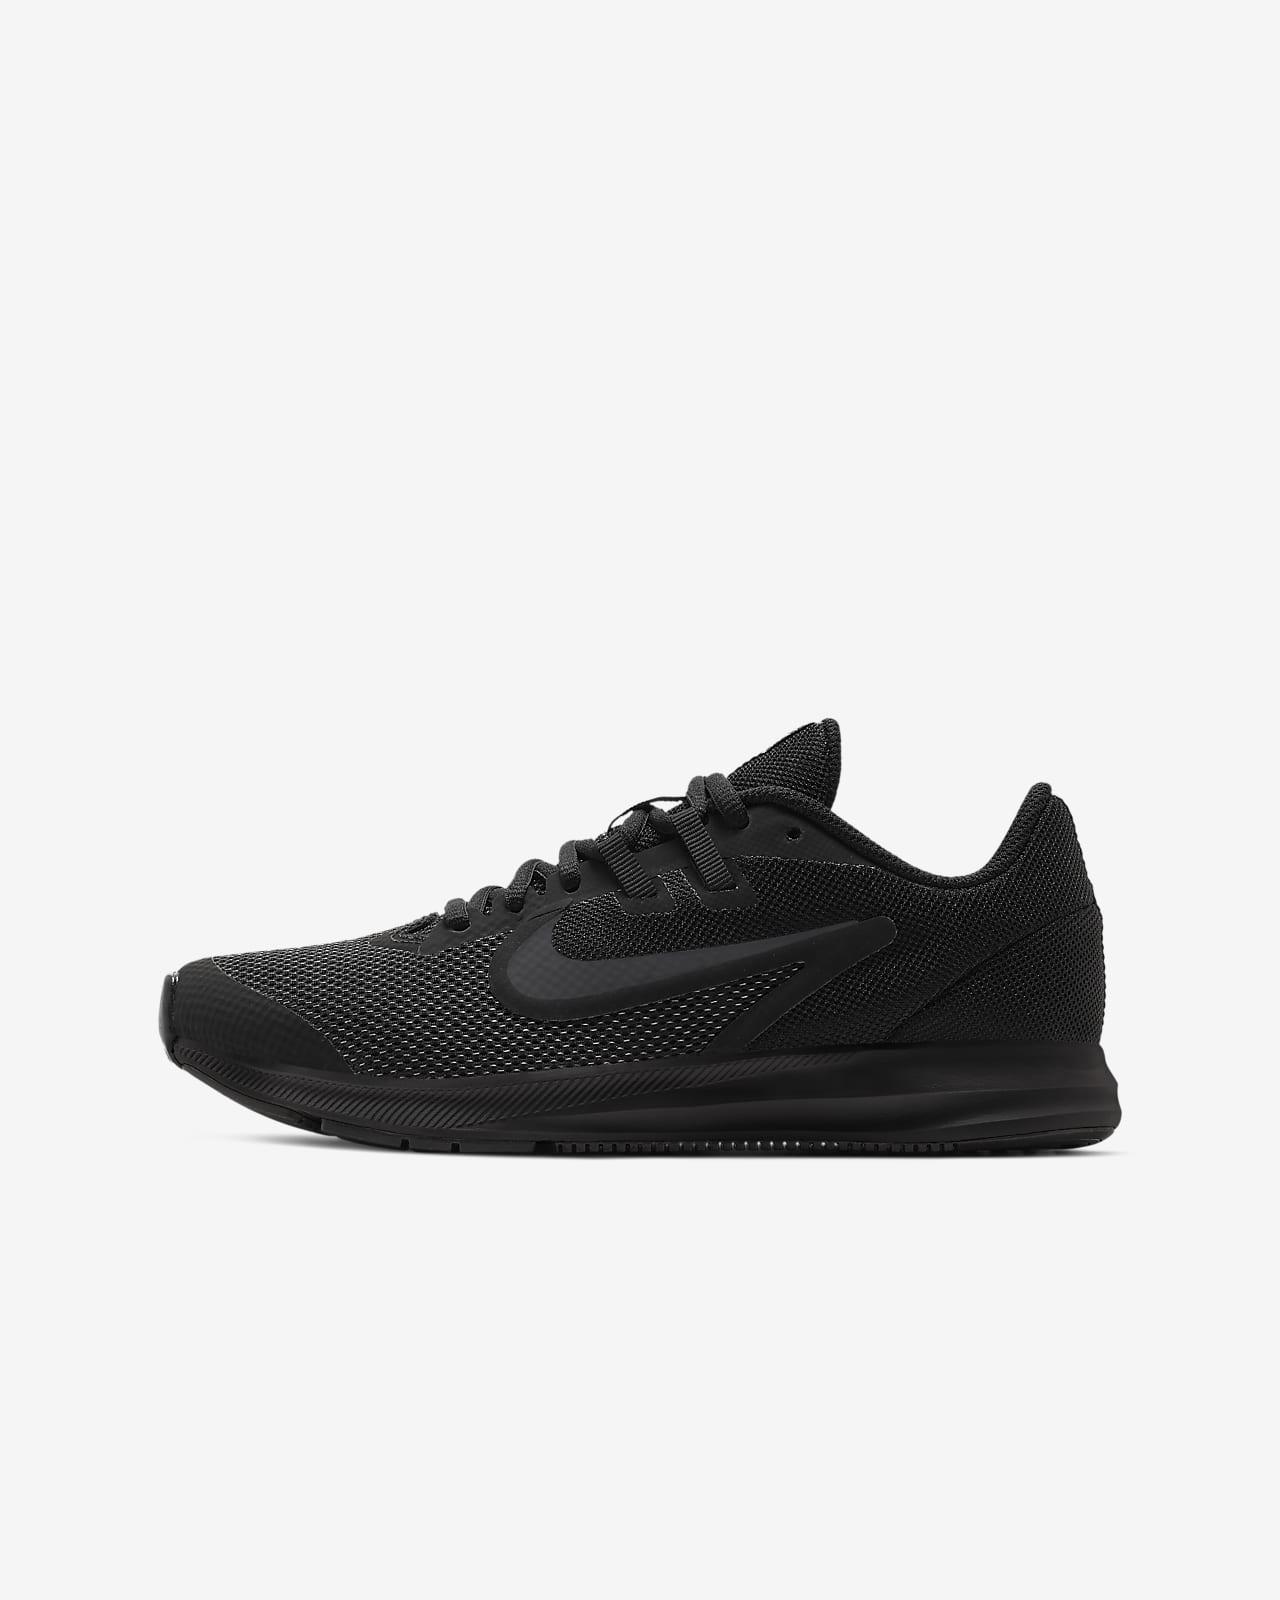 Older Kids' Running Shoe. Nike LU